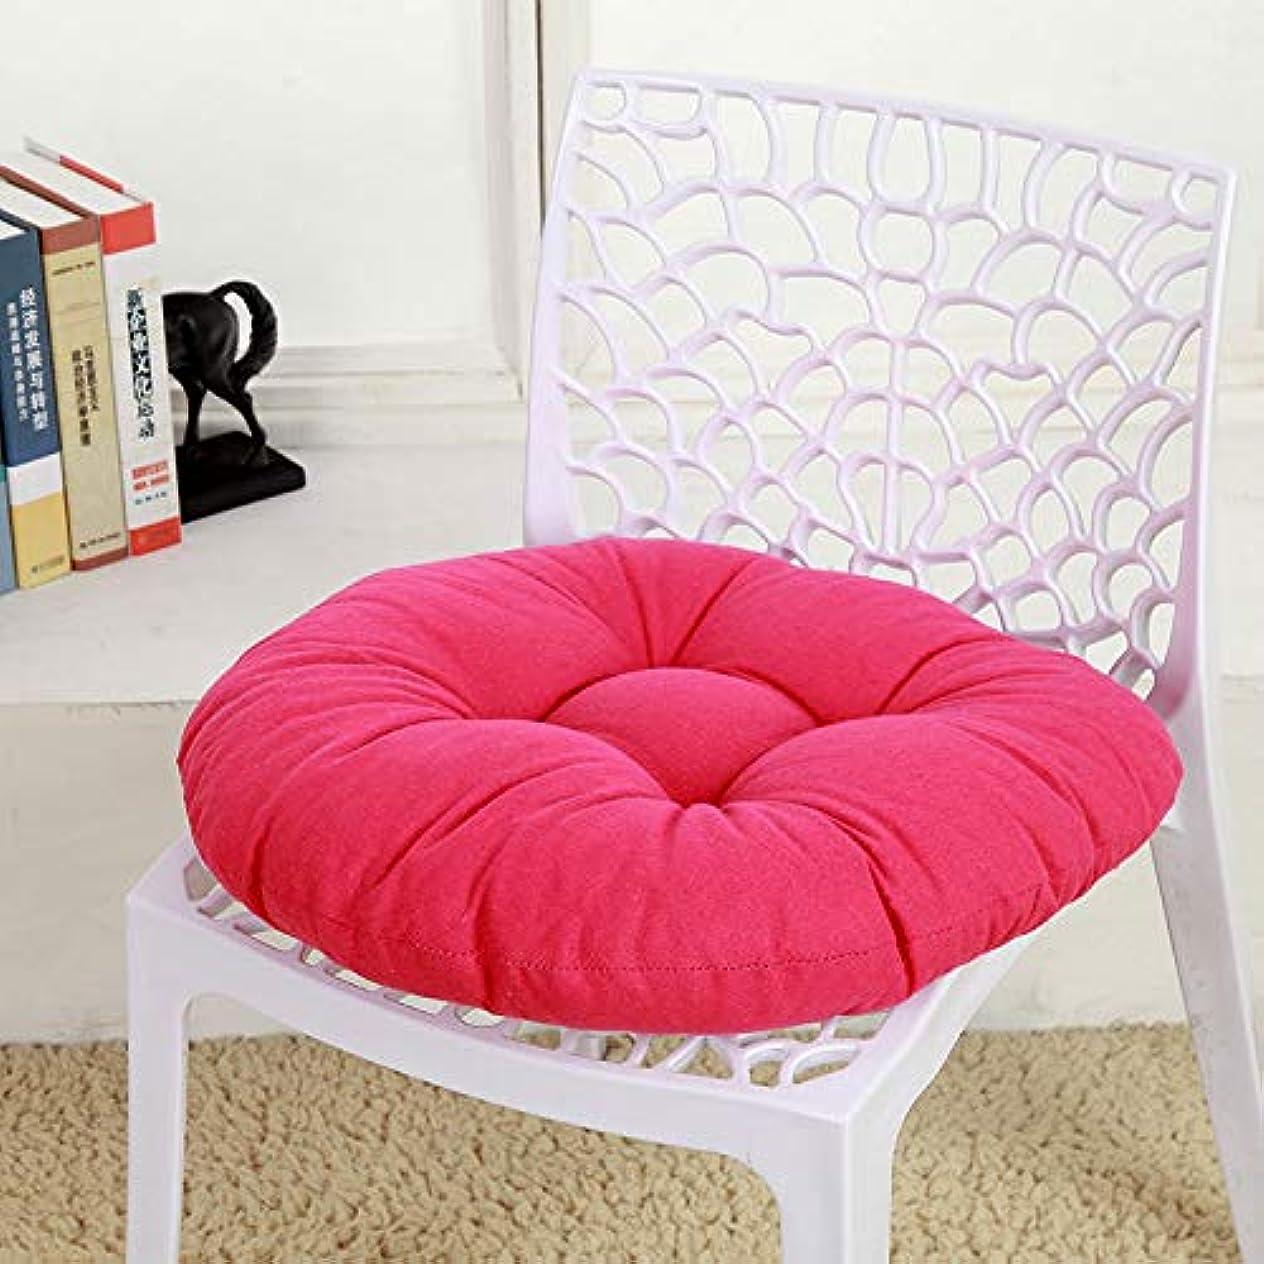 底起きて起業家LIFE キャンディカラーのクッションラウンドシートクッション波ウィンドウシートクッションクッション家の装飾パッドラウンド枕シート枕椅子座る枕 クッション 椅子